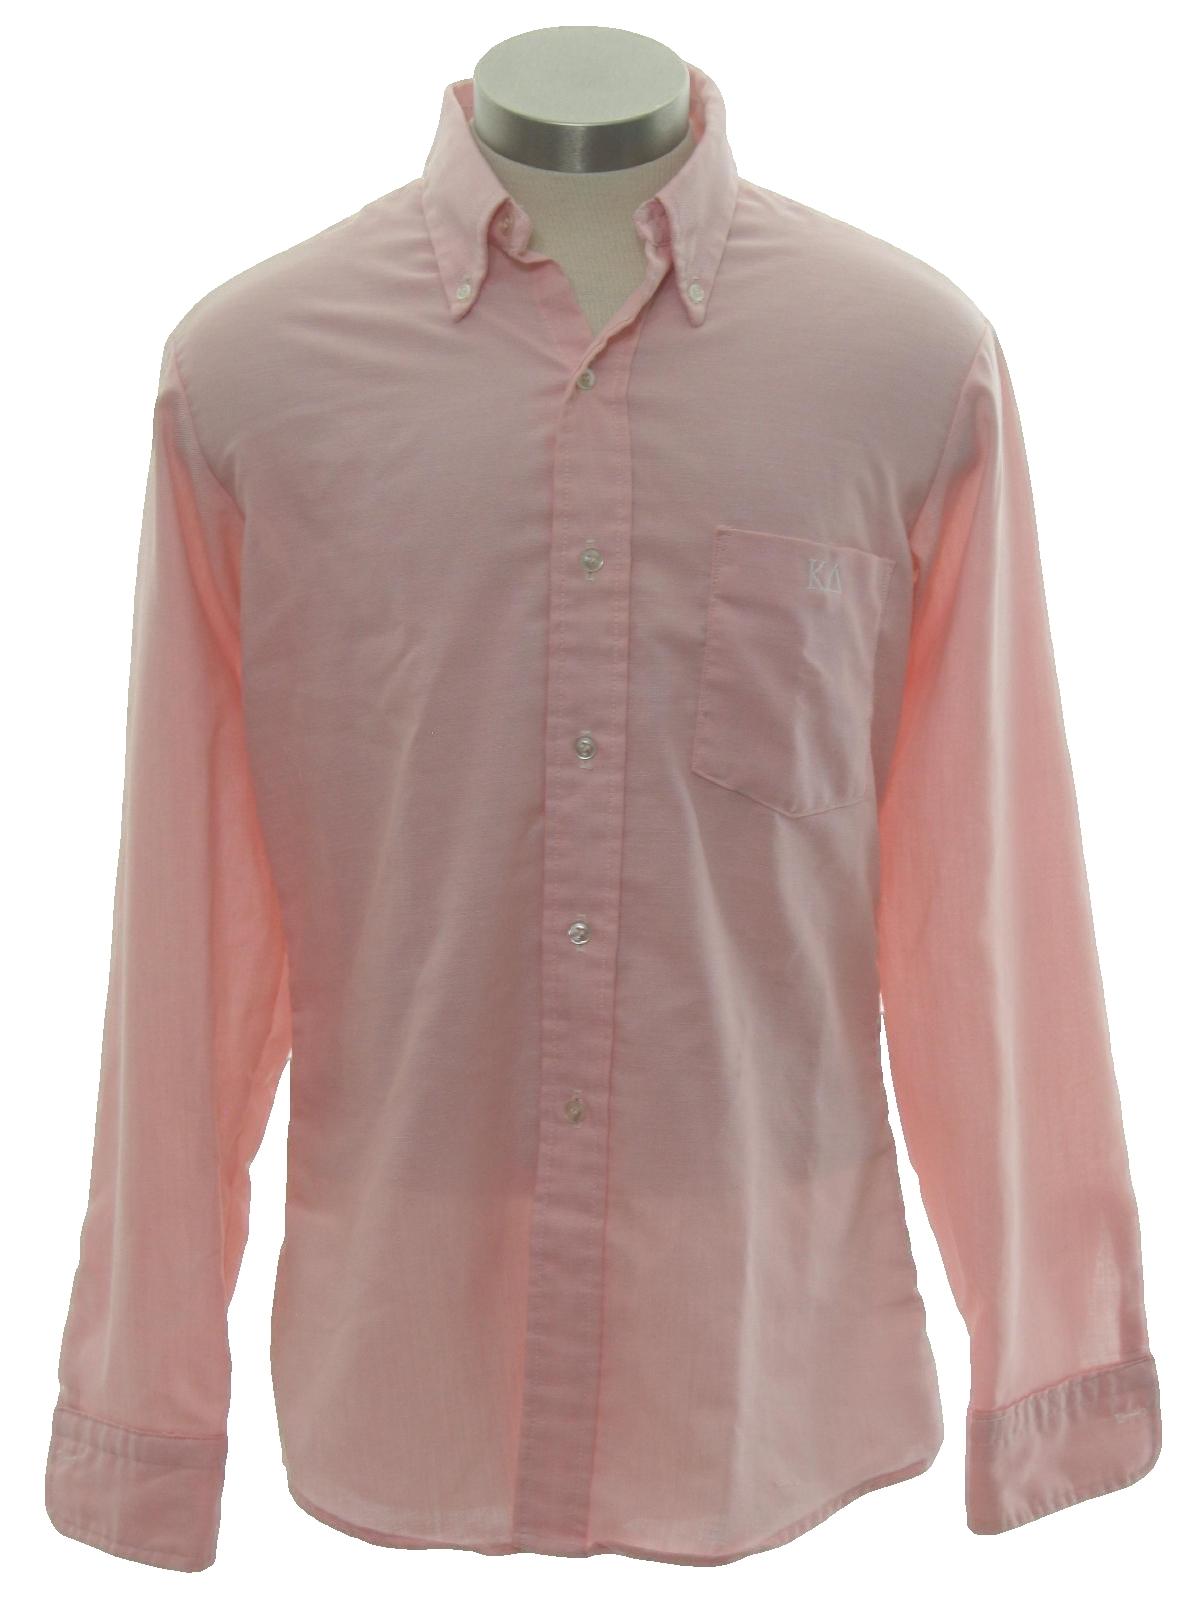 80 39 s vintage shirt 80s mcgregor mens soft pink for Solid color button up shirts